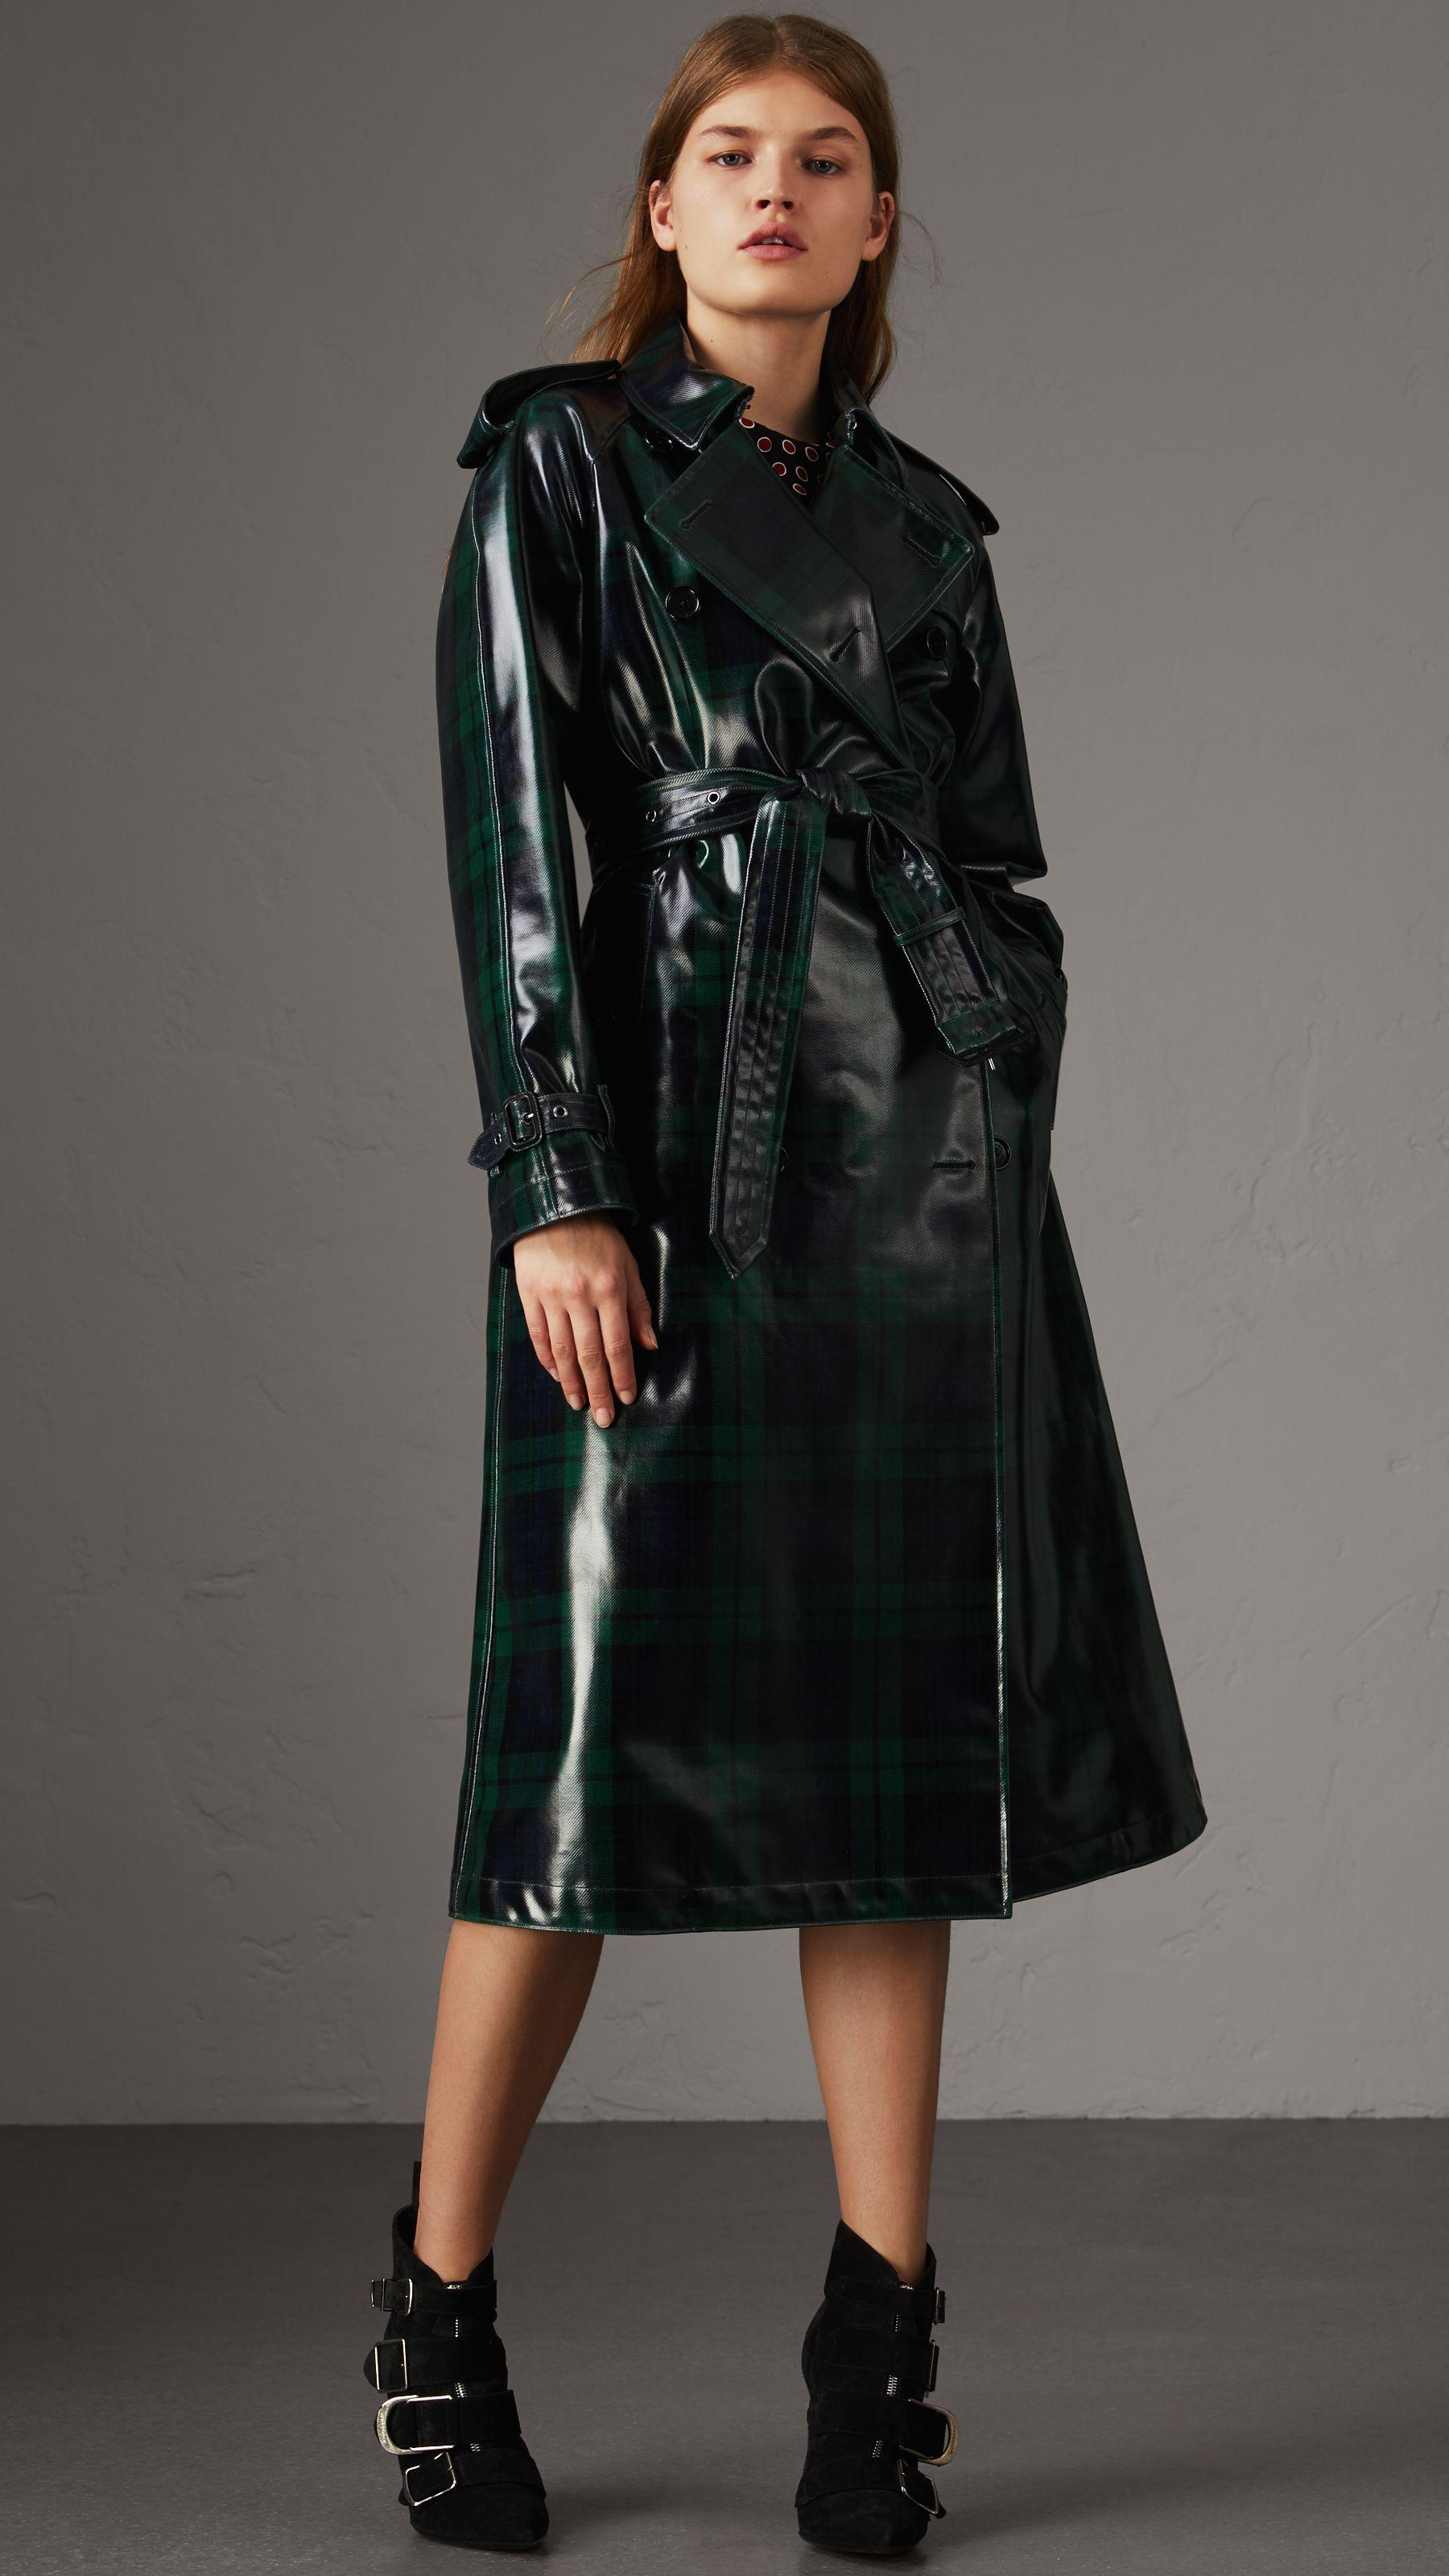 Kleidung & Accessoires Damenmode Original Poncho Cape Von Burberry Modern Und Elegant In Mode